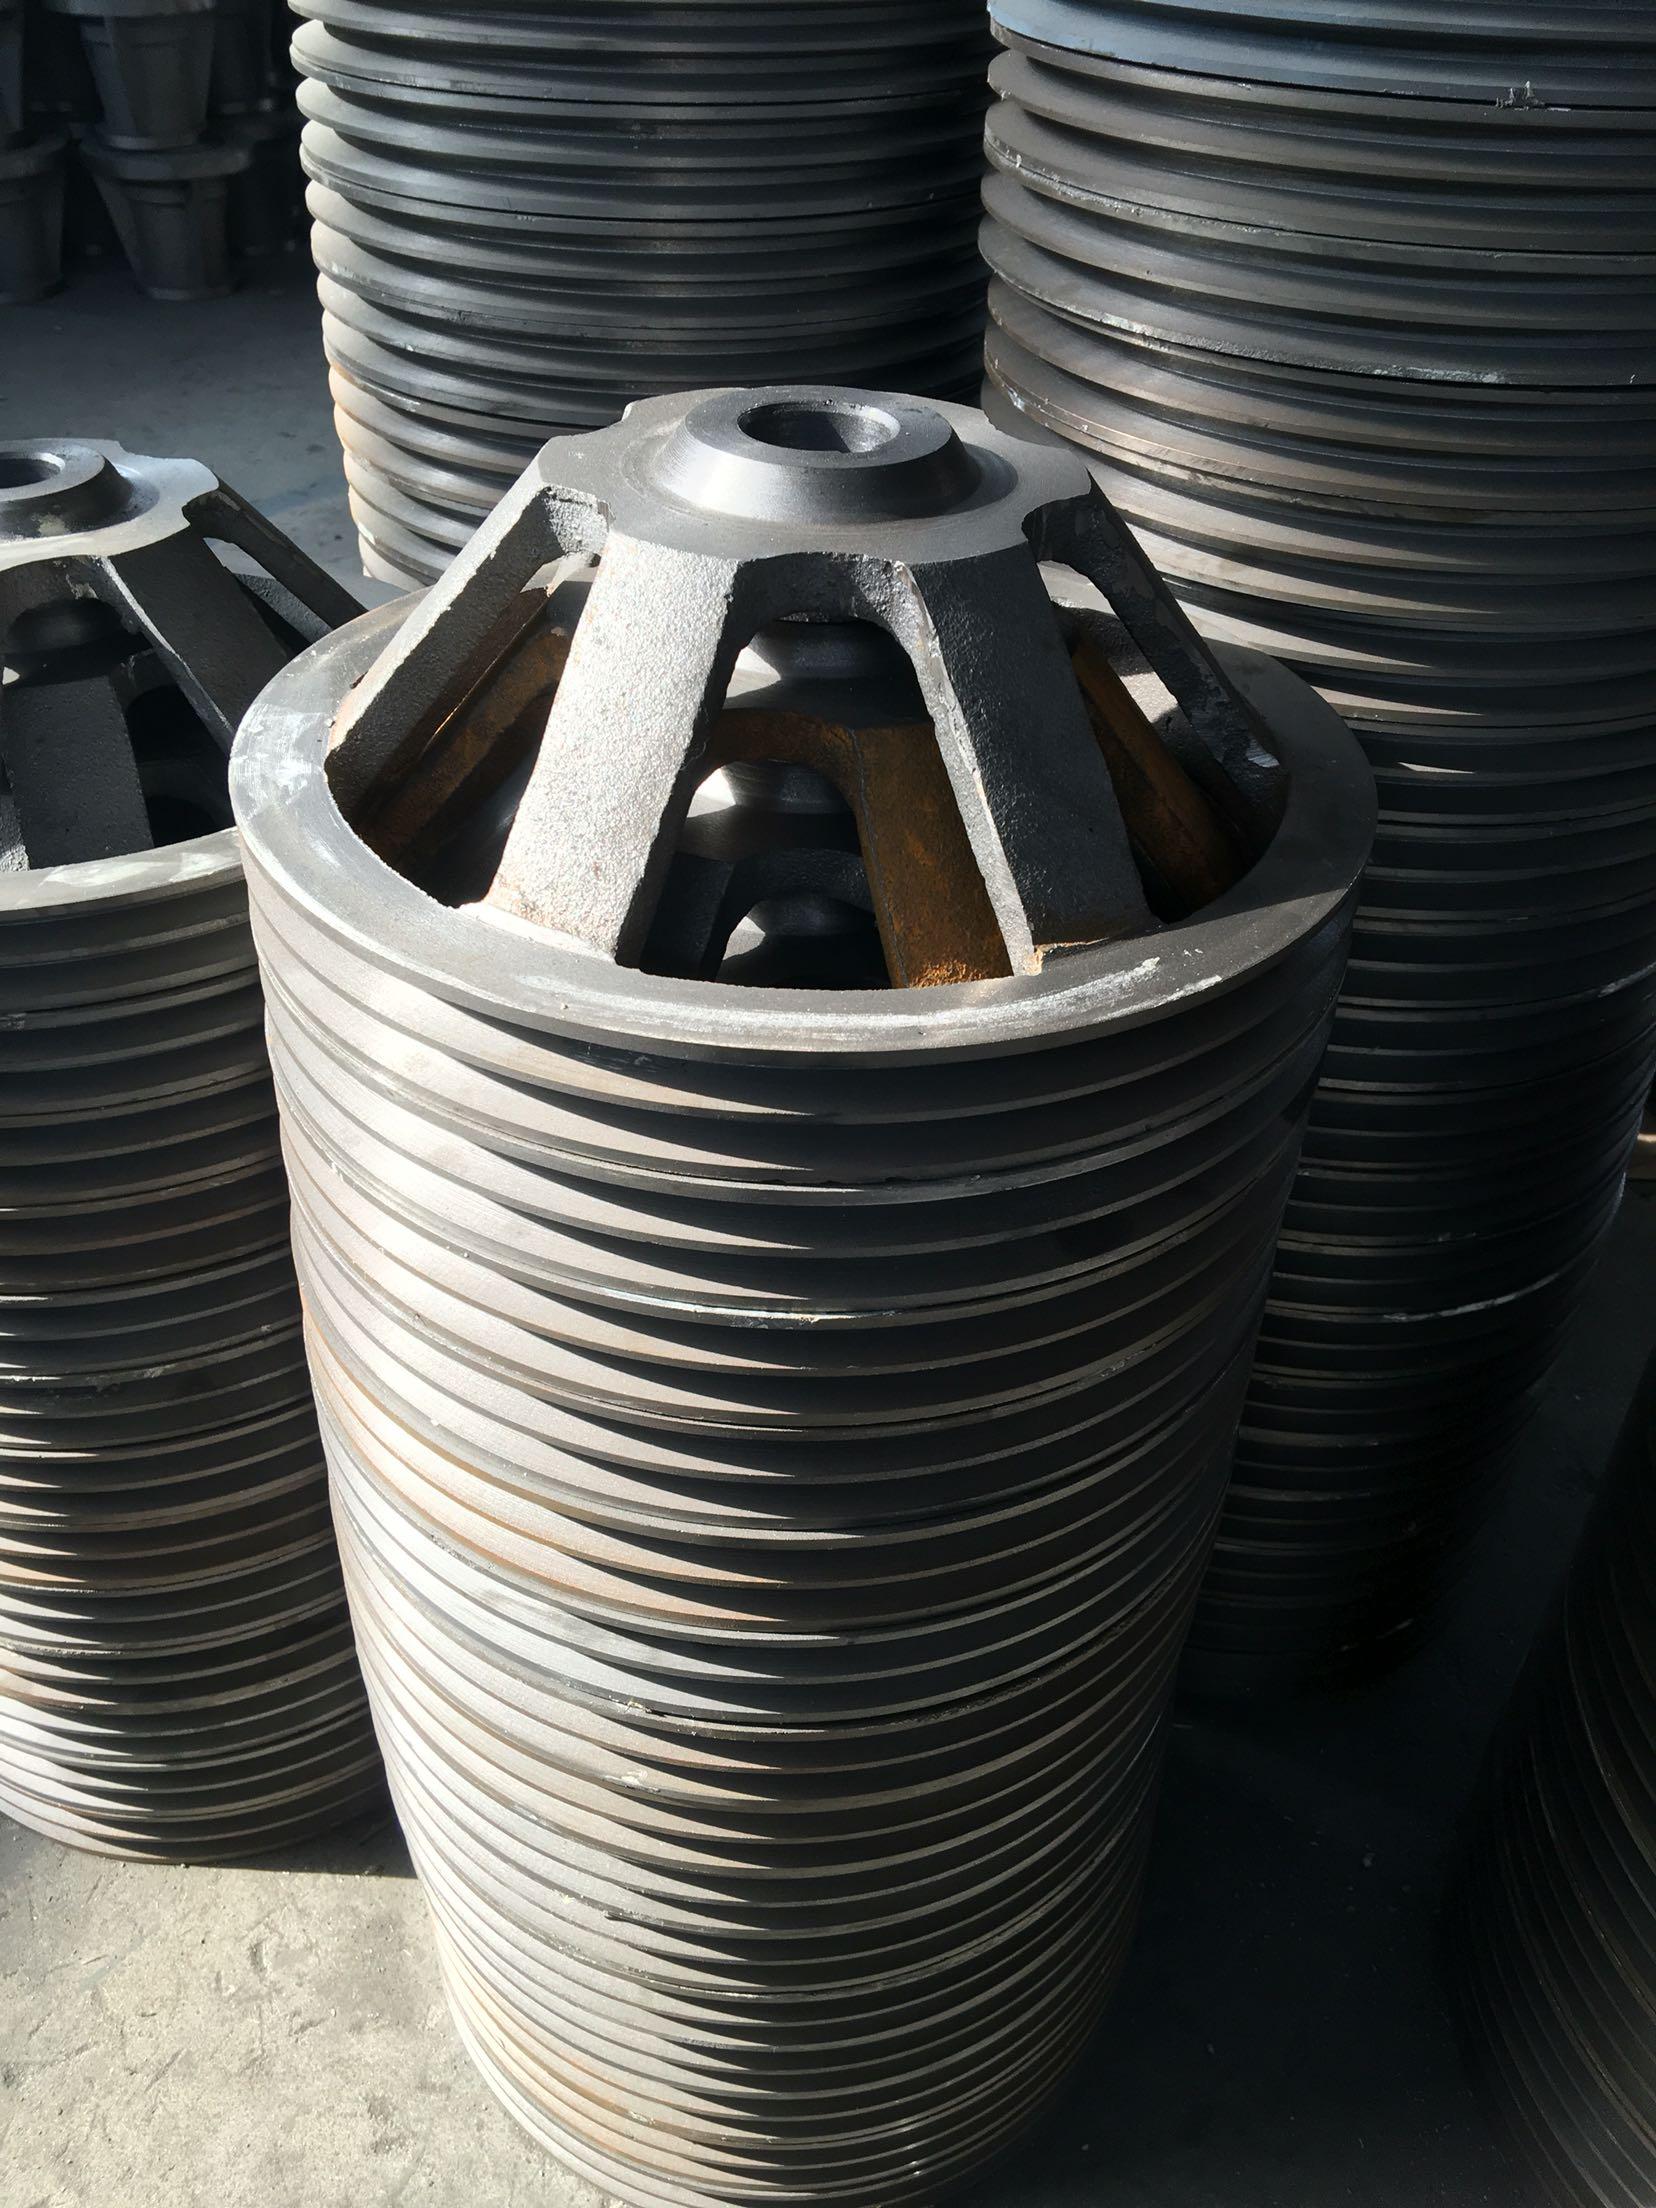 Die waschmaschine seilscheiben befeuchtungssystem, wasch - durchmesser 300, 400, 500, a - B - C - groove